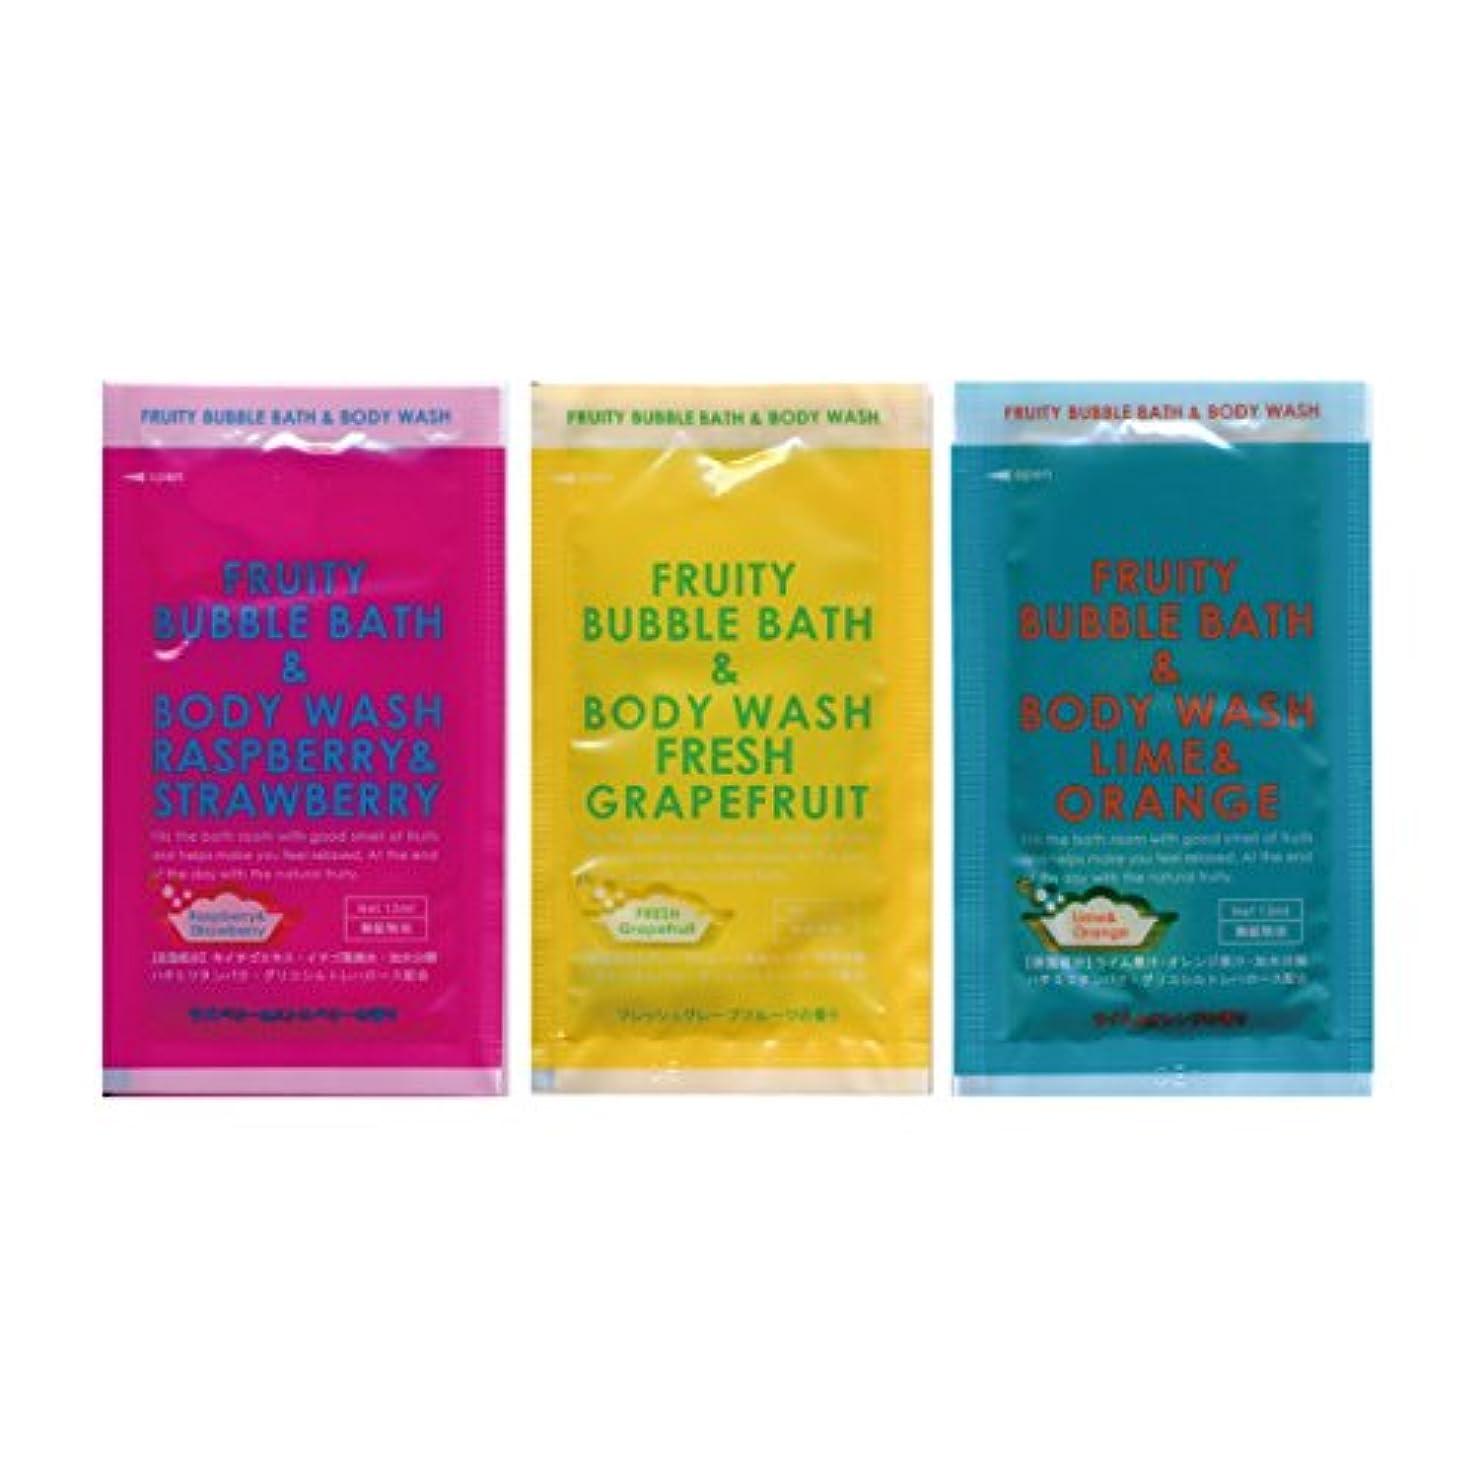 掃除ビリーヤギ赤字フルーティーバブルバス&ボディウォッシュ 3種類 30セット